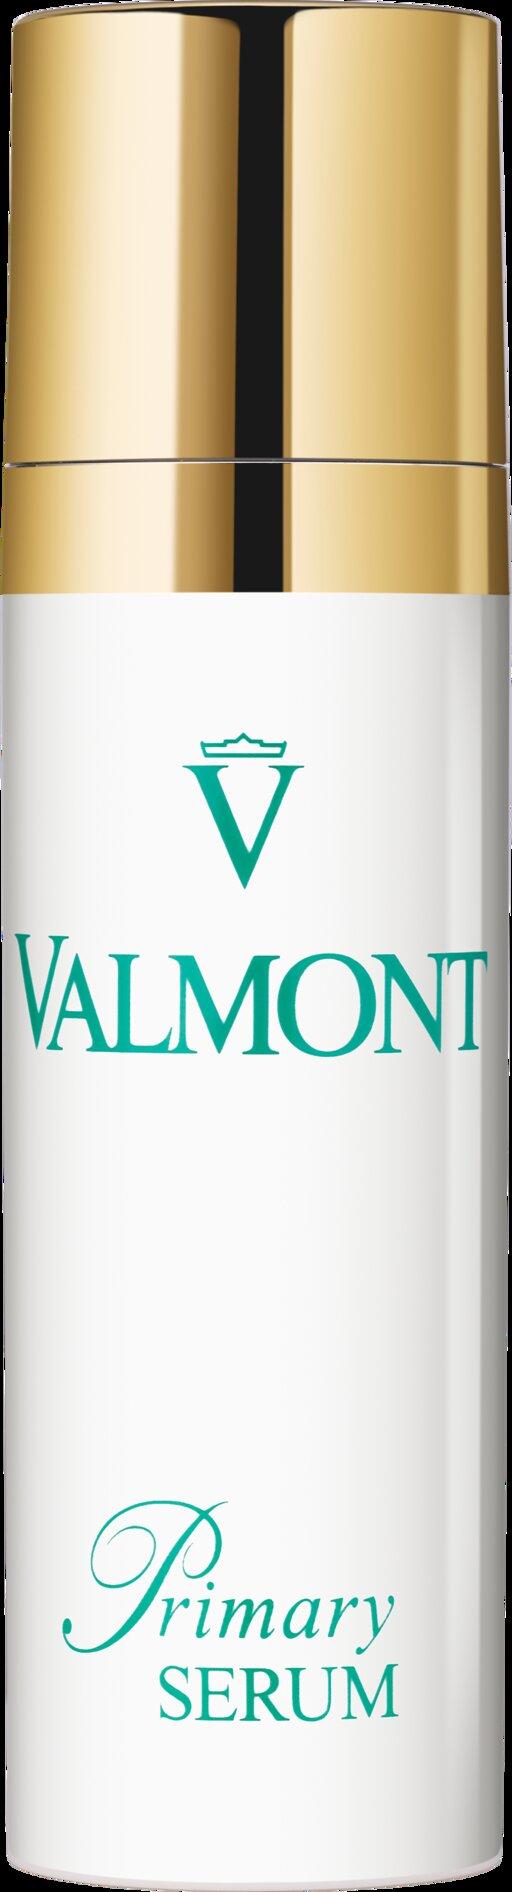 VALMONT PRIMARY SERUM 30ML